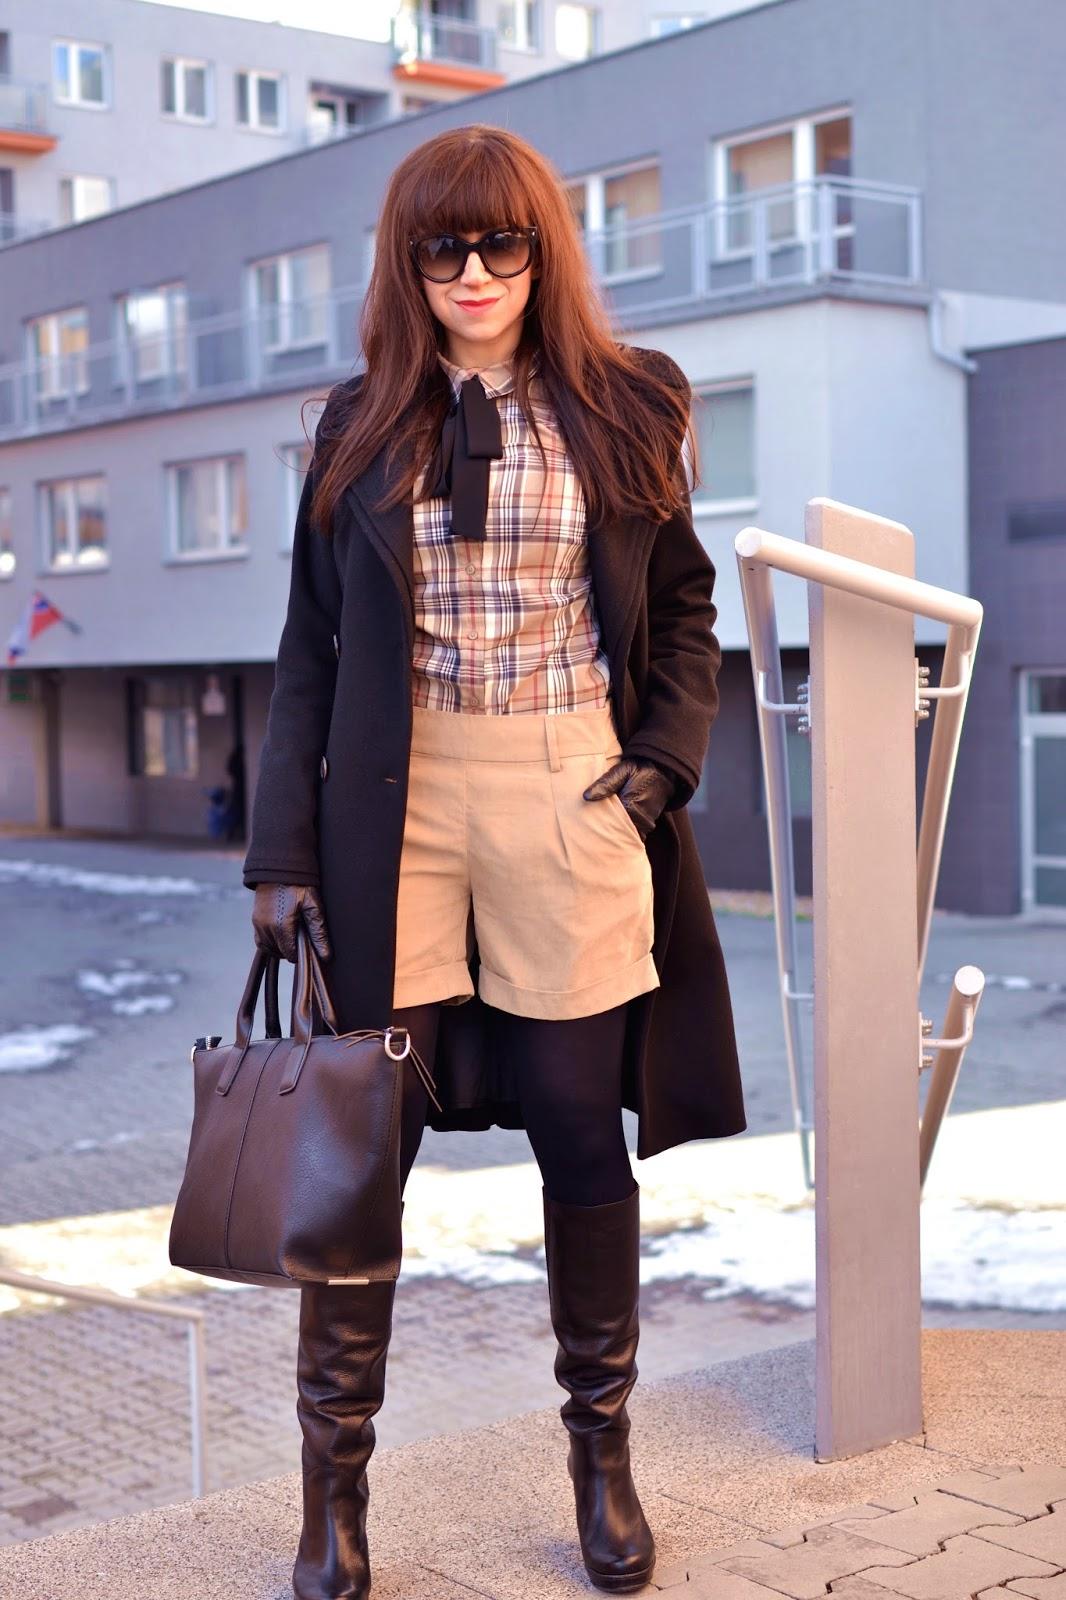 SILA OKAMIHU_Katharine-fashion is beautiful_Károvaná košeľa_Béžové šortky_Mašľa_Katarína Jakubčová_Fashion blogger